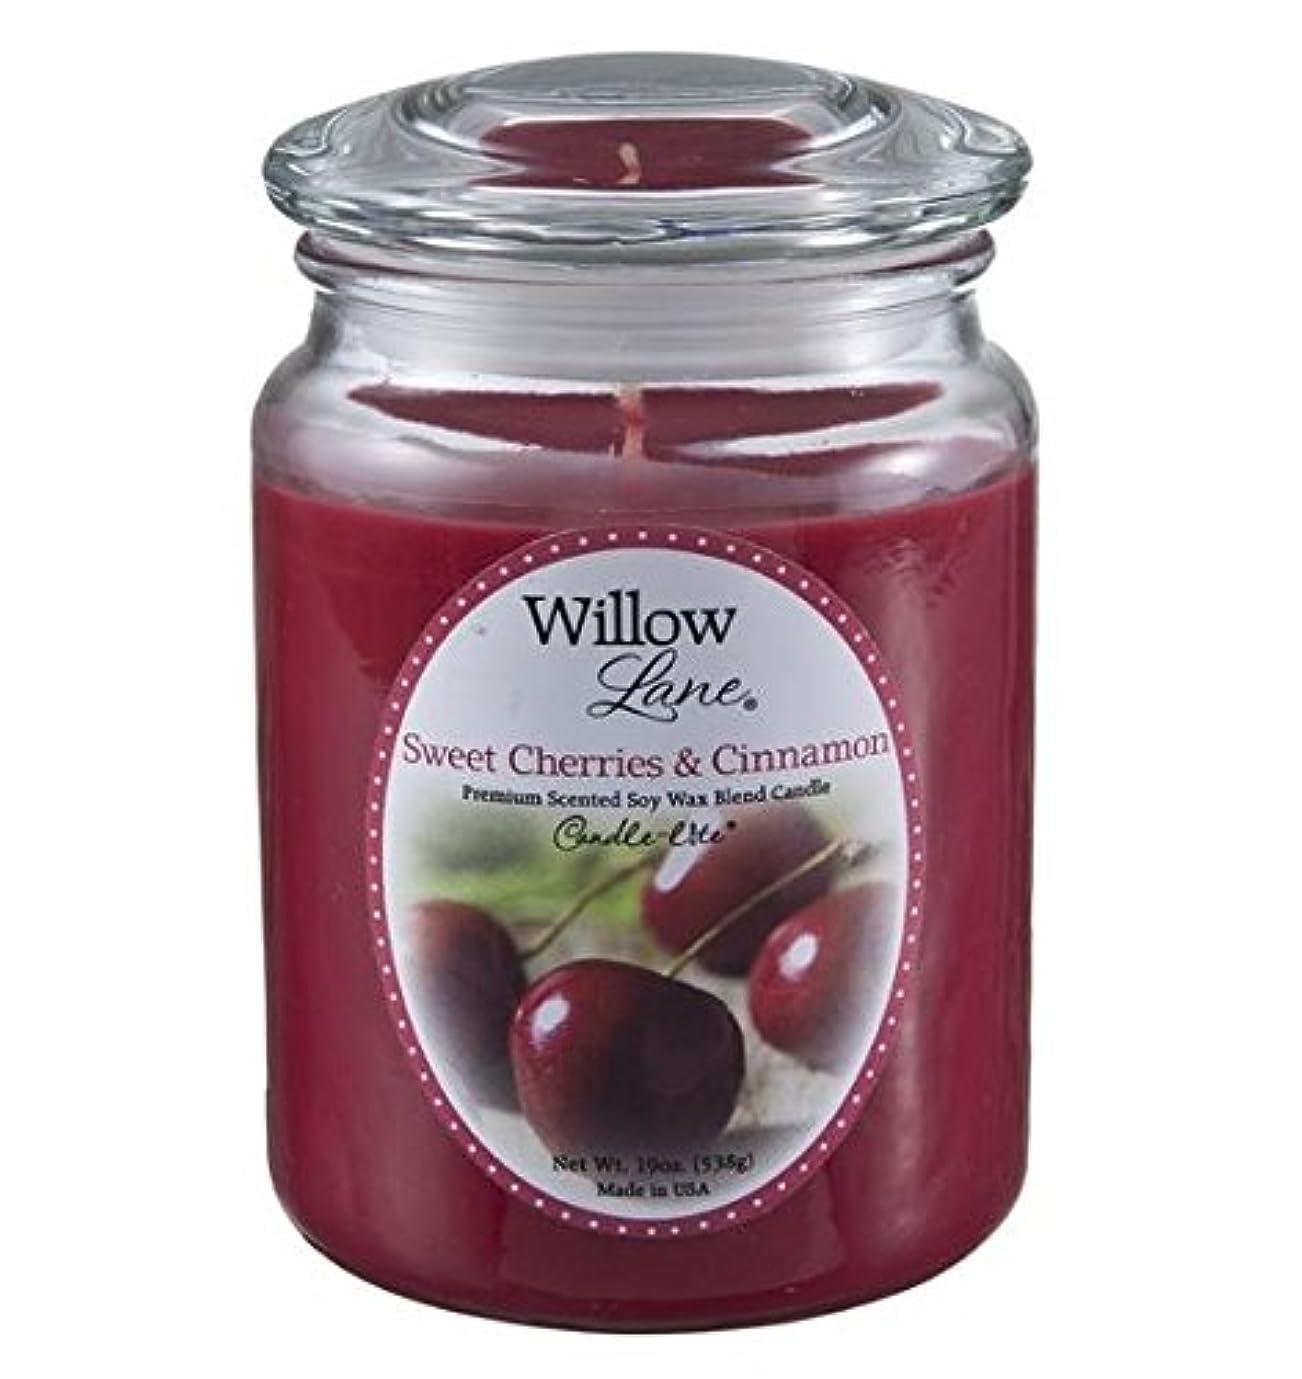 トーナメント速度セレナCandle Lite 1646991 Scented Candle、Sweet Cherries &シナモン、19-oz。 2 1646991